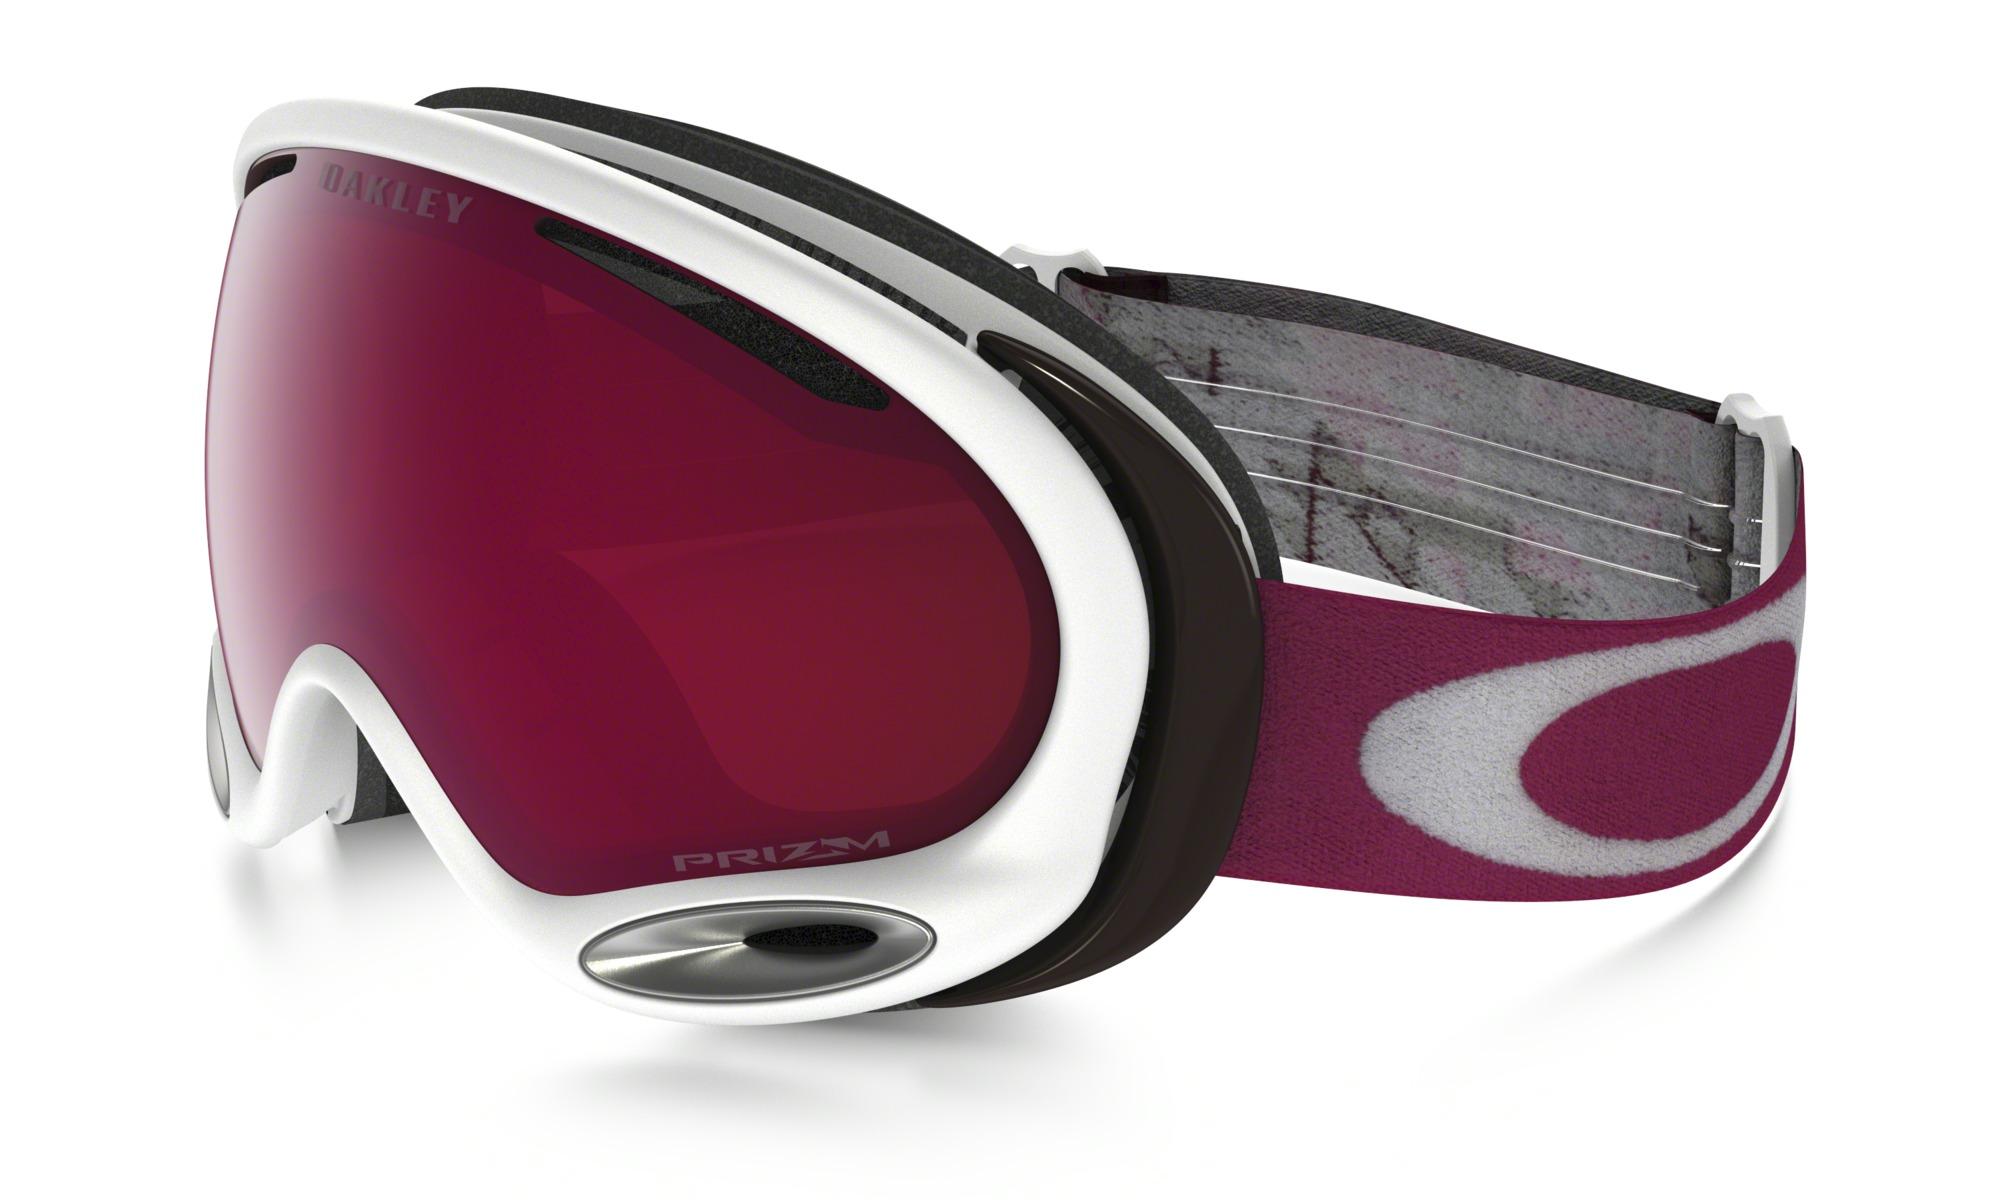 Acompatible de remplacement de lentilles pour lunettes de soleil Oakley Overtime Oo9167, Fire Red Mirror - Polarized